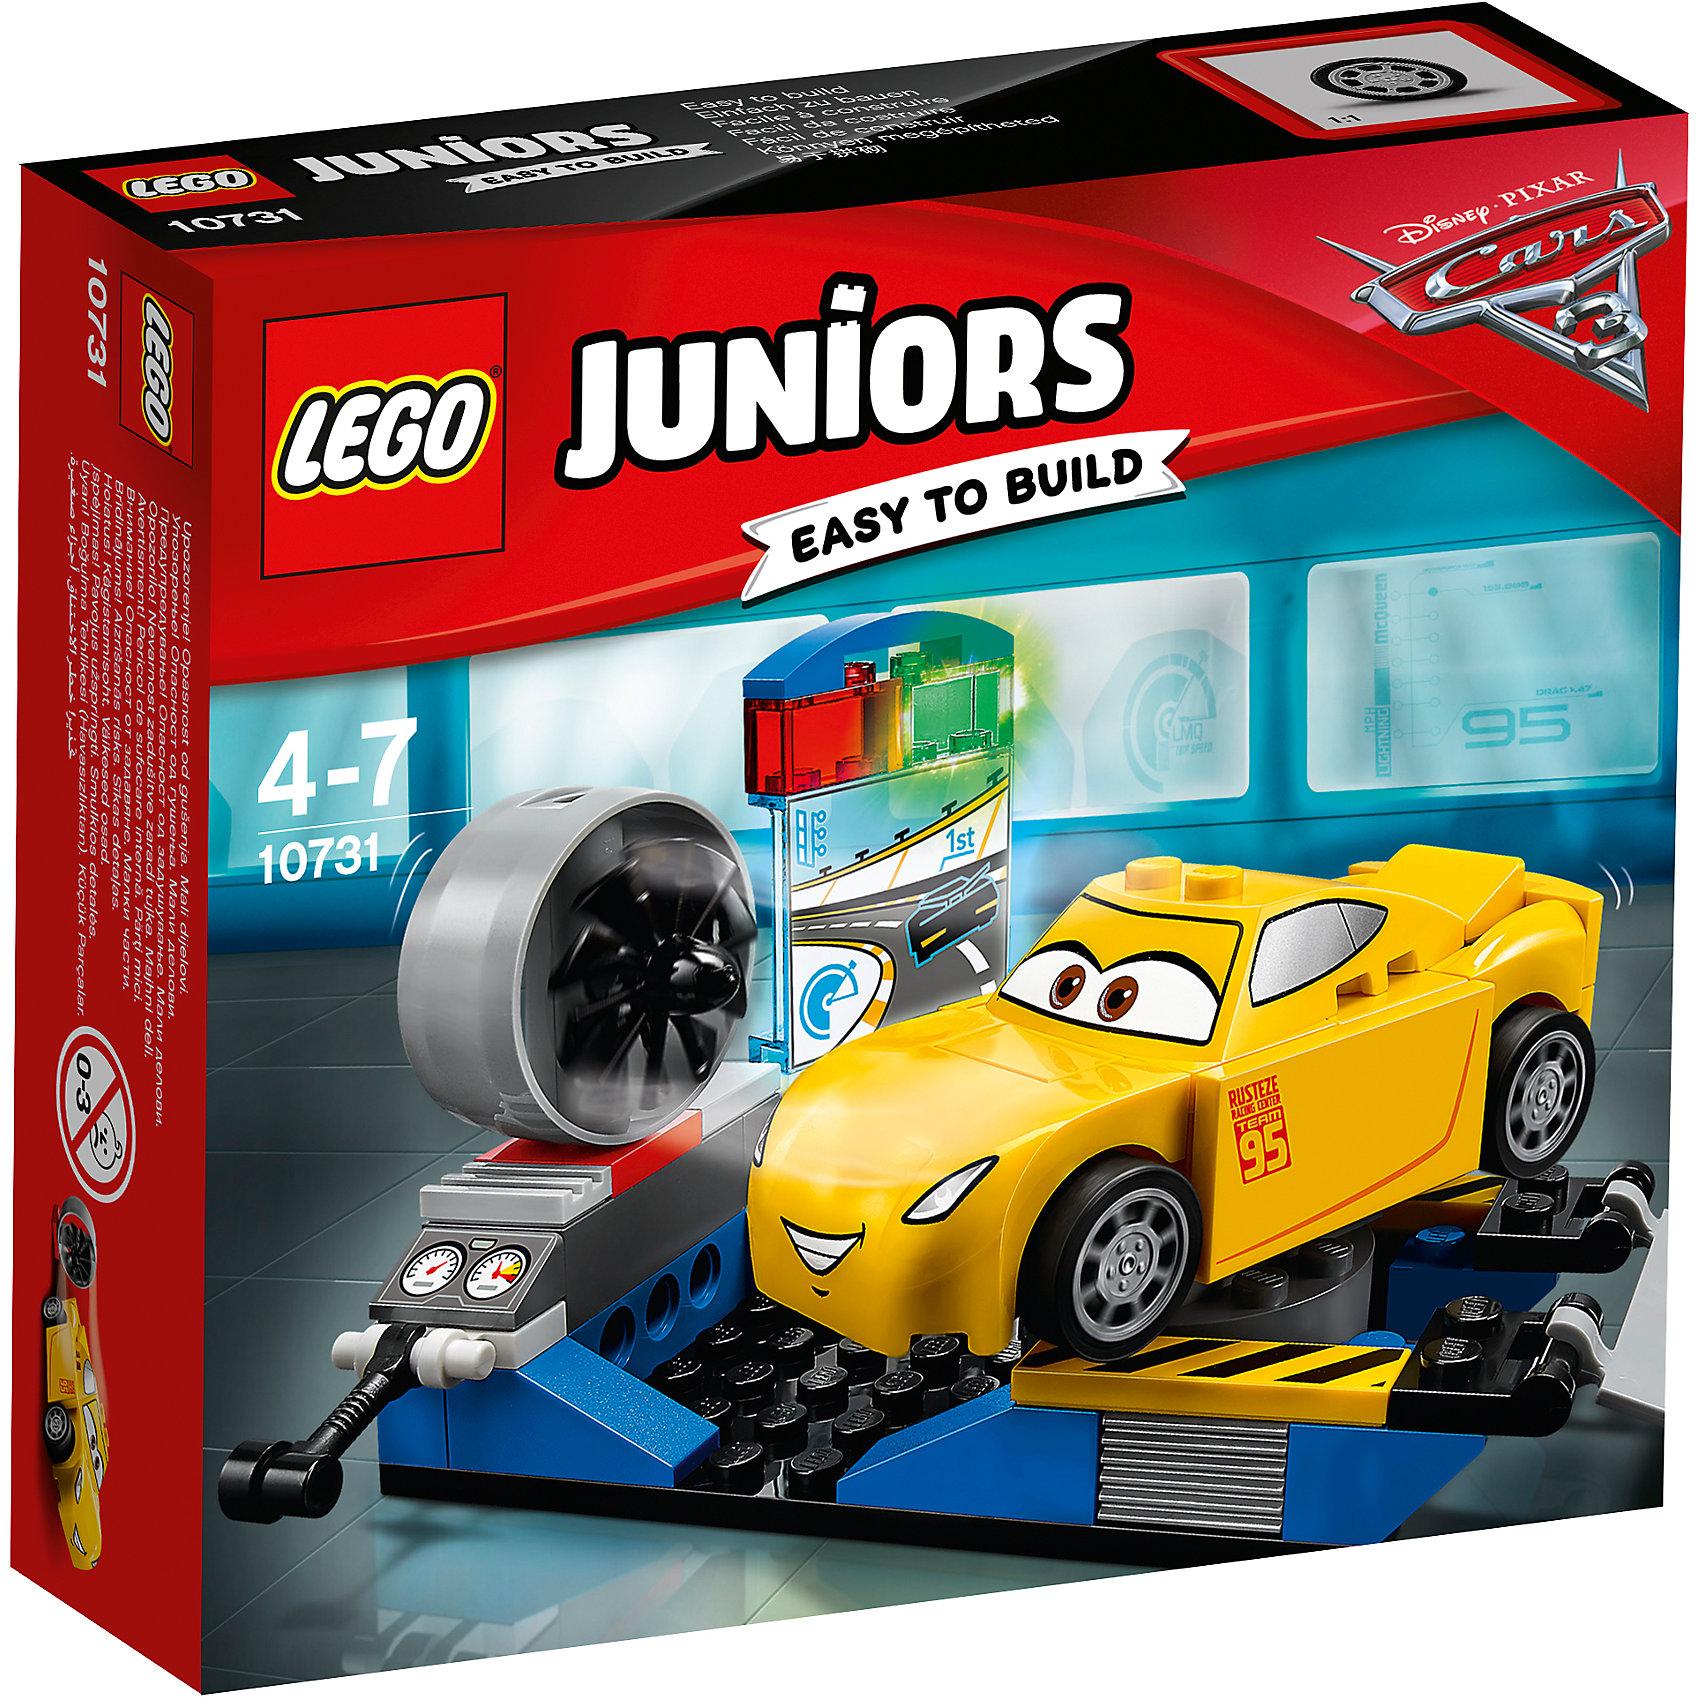 LEGO Juniors 10731: Гоночный тренажёр Крус РамиресПластмассовые конструкторы<br><br><br>Ширина мм: 157<br>Глубина мм: 141<br>Высота мм: 45<br>Вес г: 129<br>Возраст от месяцев: 48<br>Возраст до месяцев: 84<br>Пол: Мужской<br>Возраст: Детский<br>SKU: 5620063